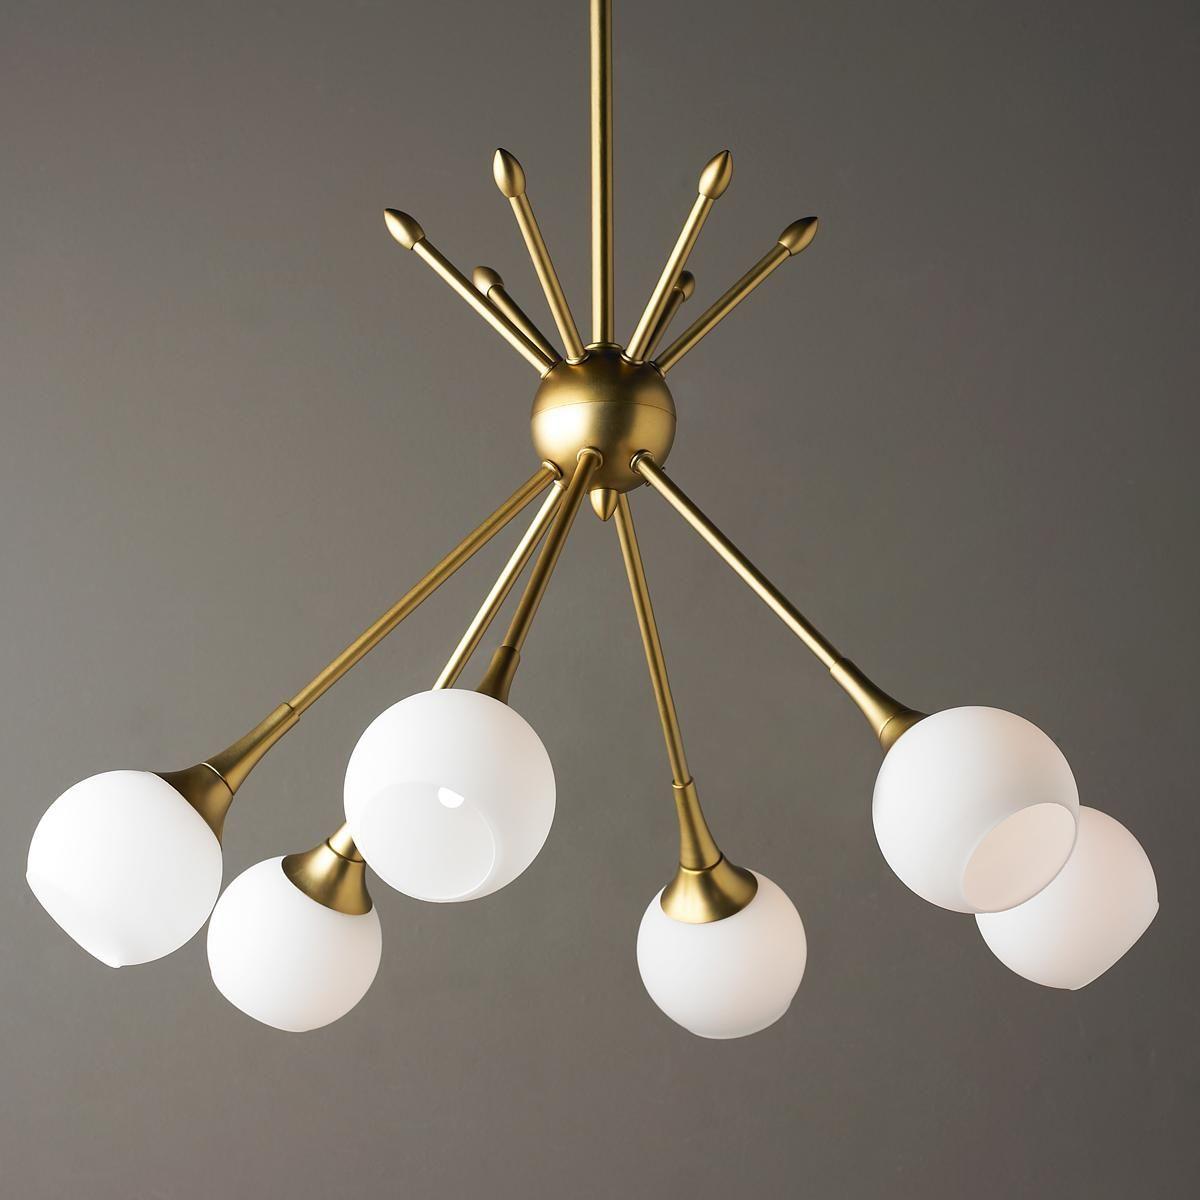 midcentury modern mobile chandelier   light  midcentury modern  - midcentury modern mobile chandelier   light